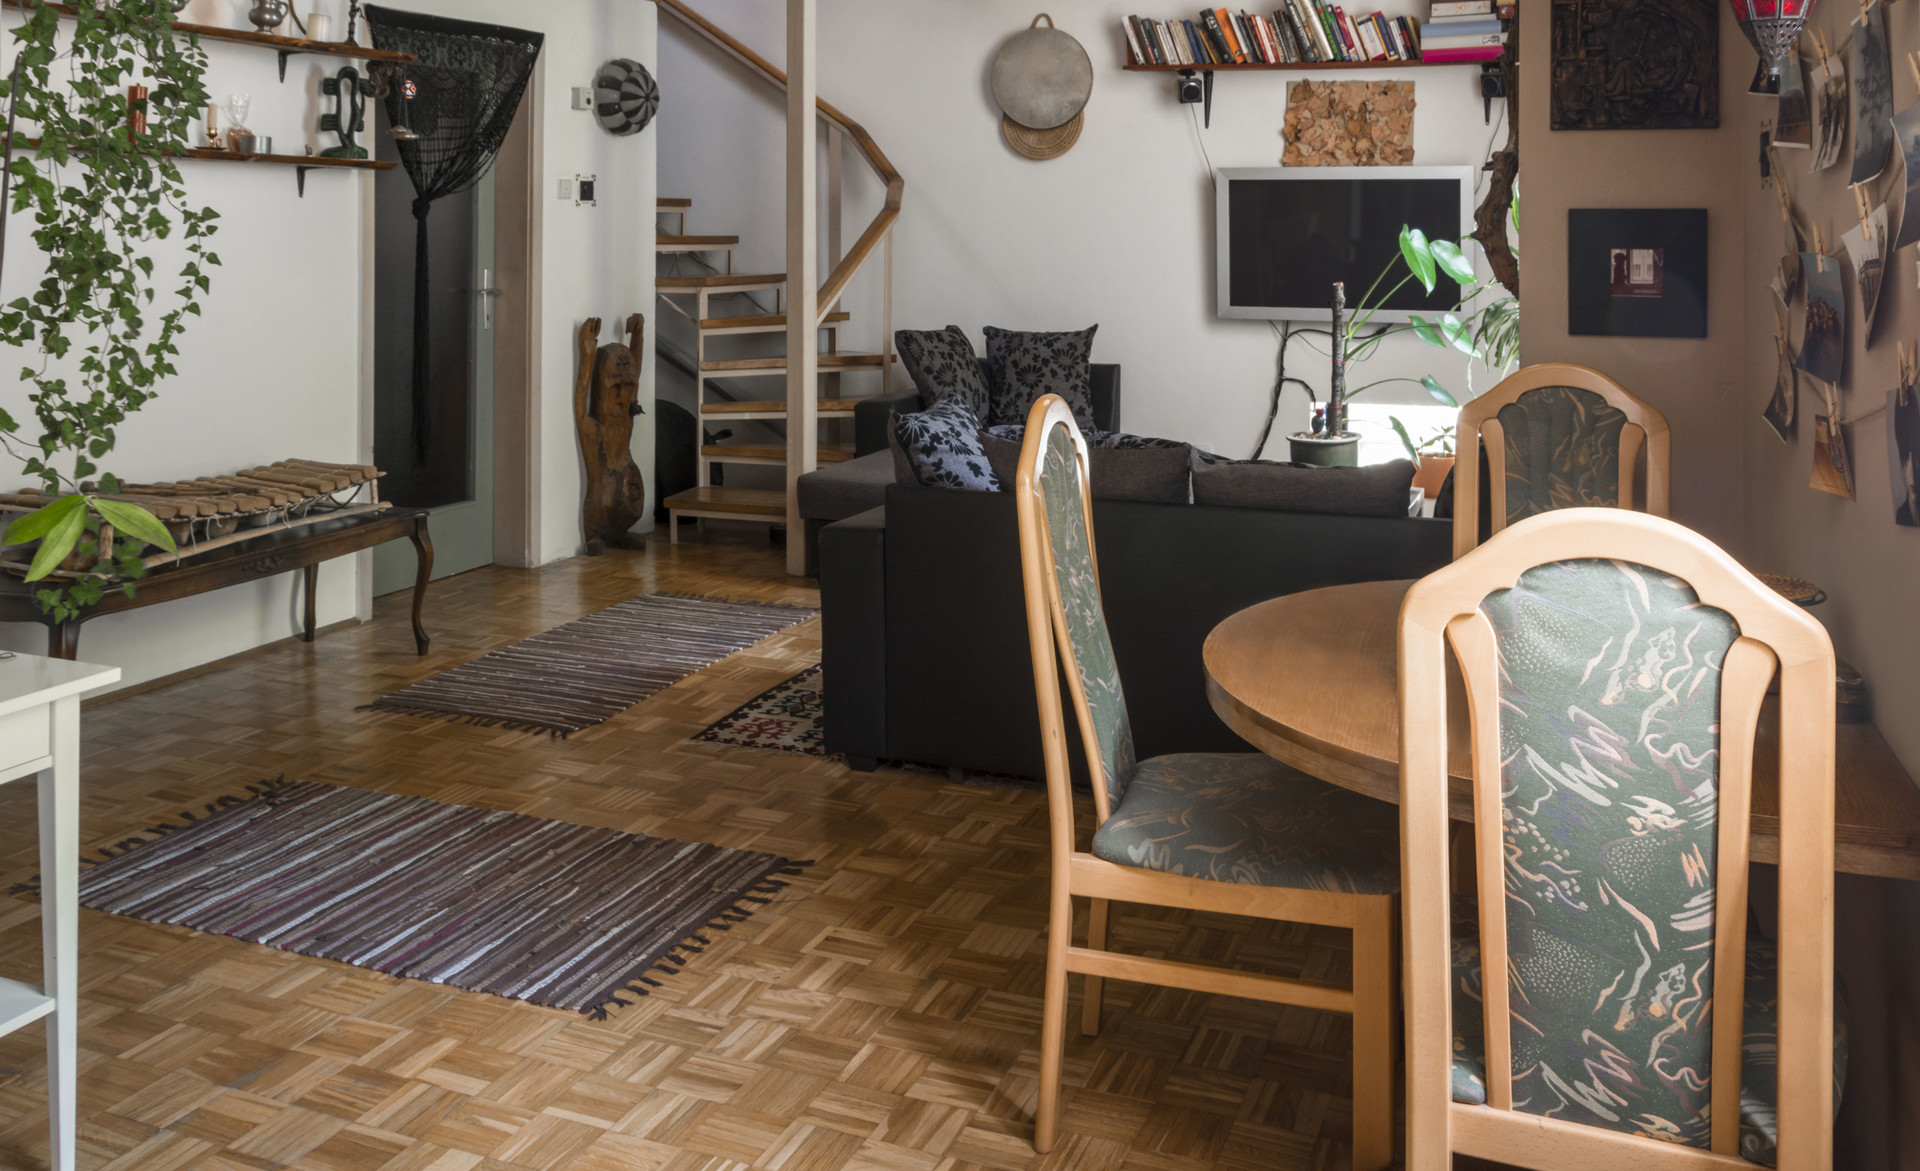 large-sunny-mansard-type-apartment-center-ljubljana-7d73f9b737da220d67b7c24eb0298d6e